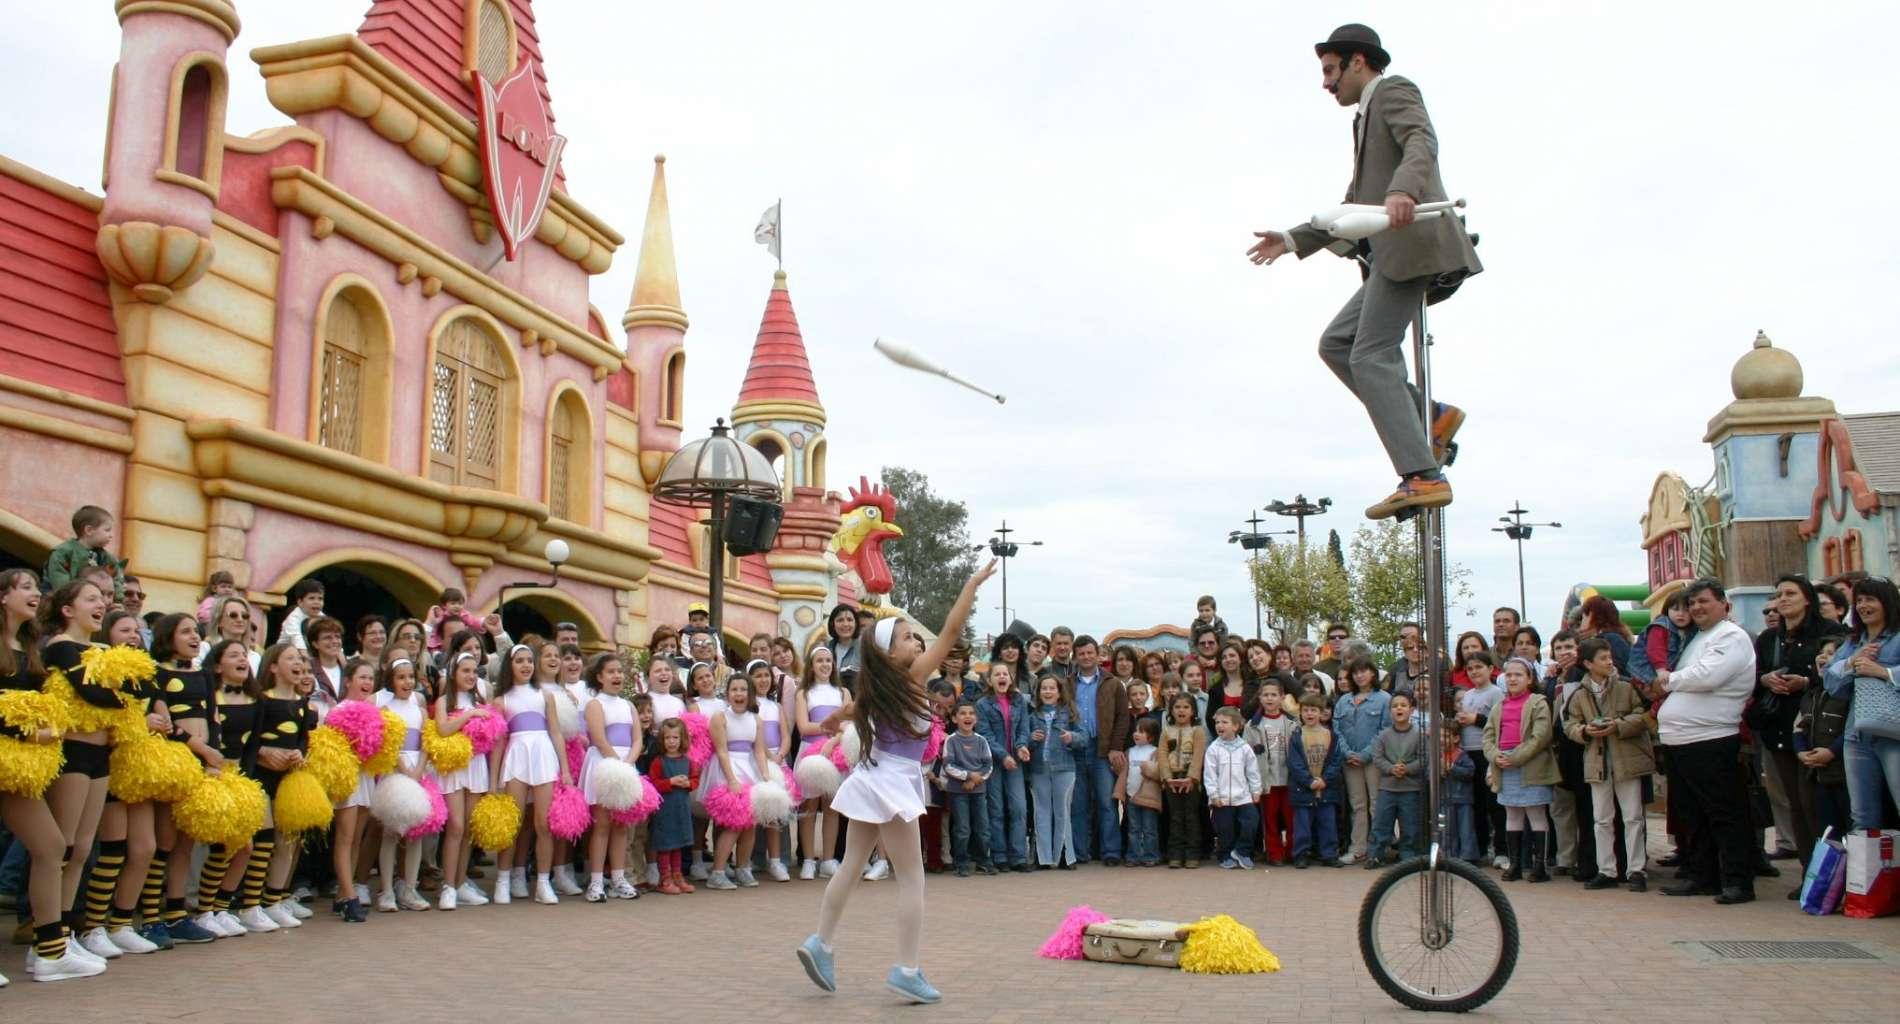 Ζογκλέρ πάνω σε ψηλό μονοποδήλατο, παίζει πάσες με κορύνες με κορίτσι μπροστά σε μεγάλο κοινό σε λούνα παρκ